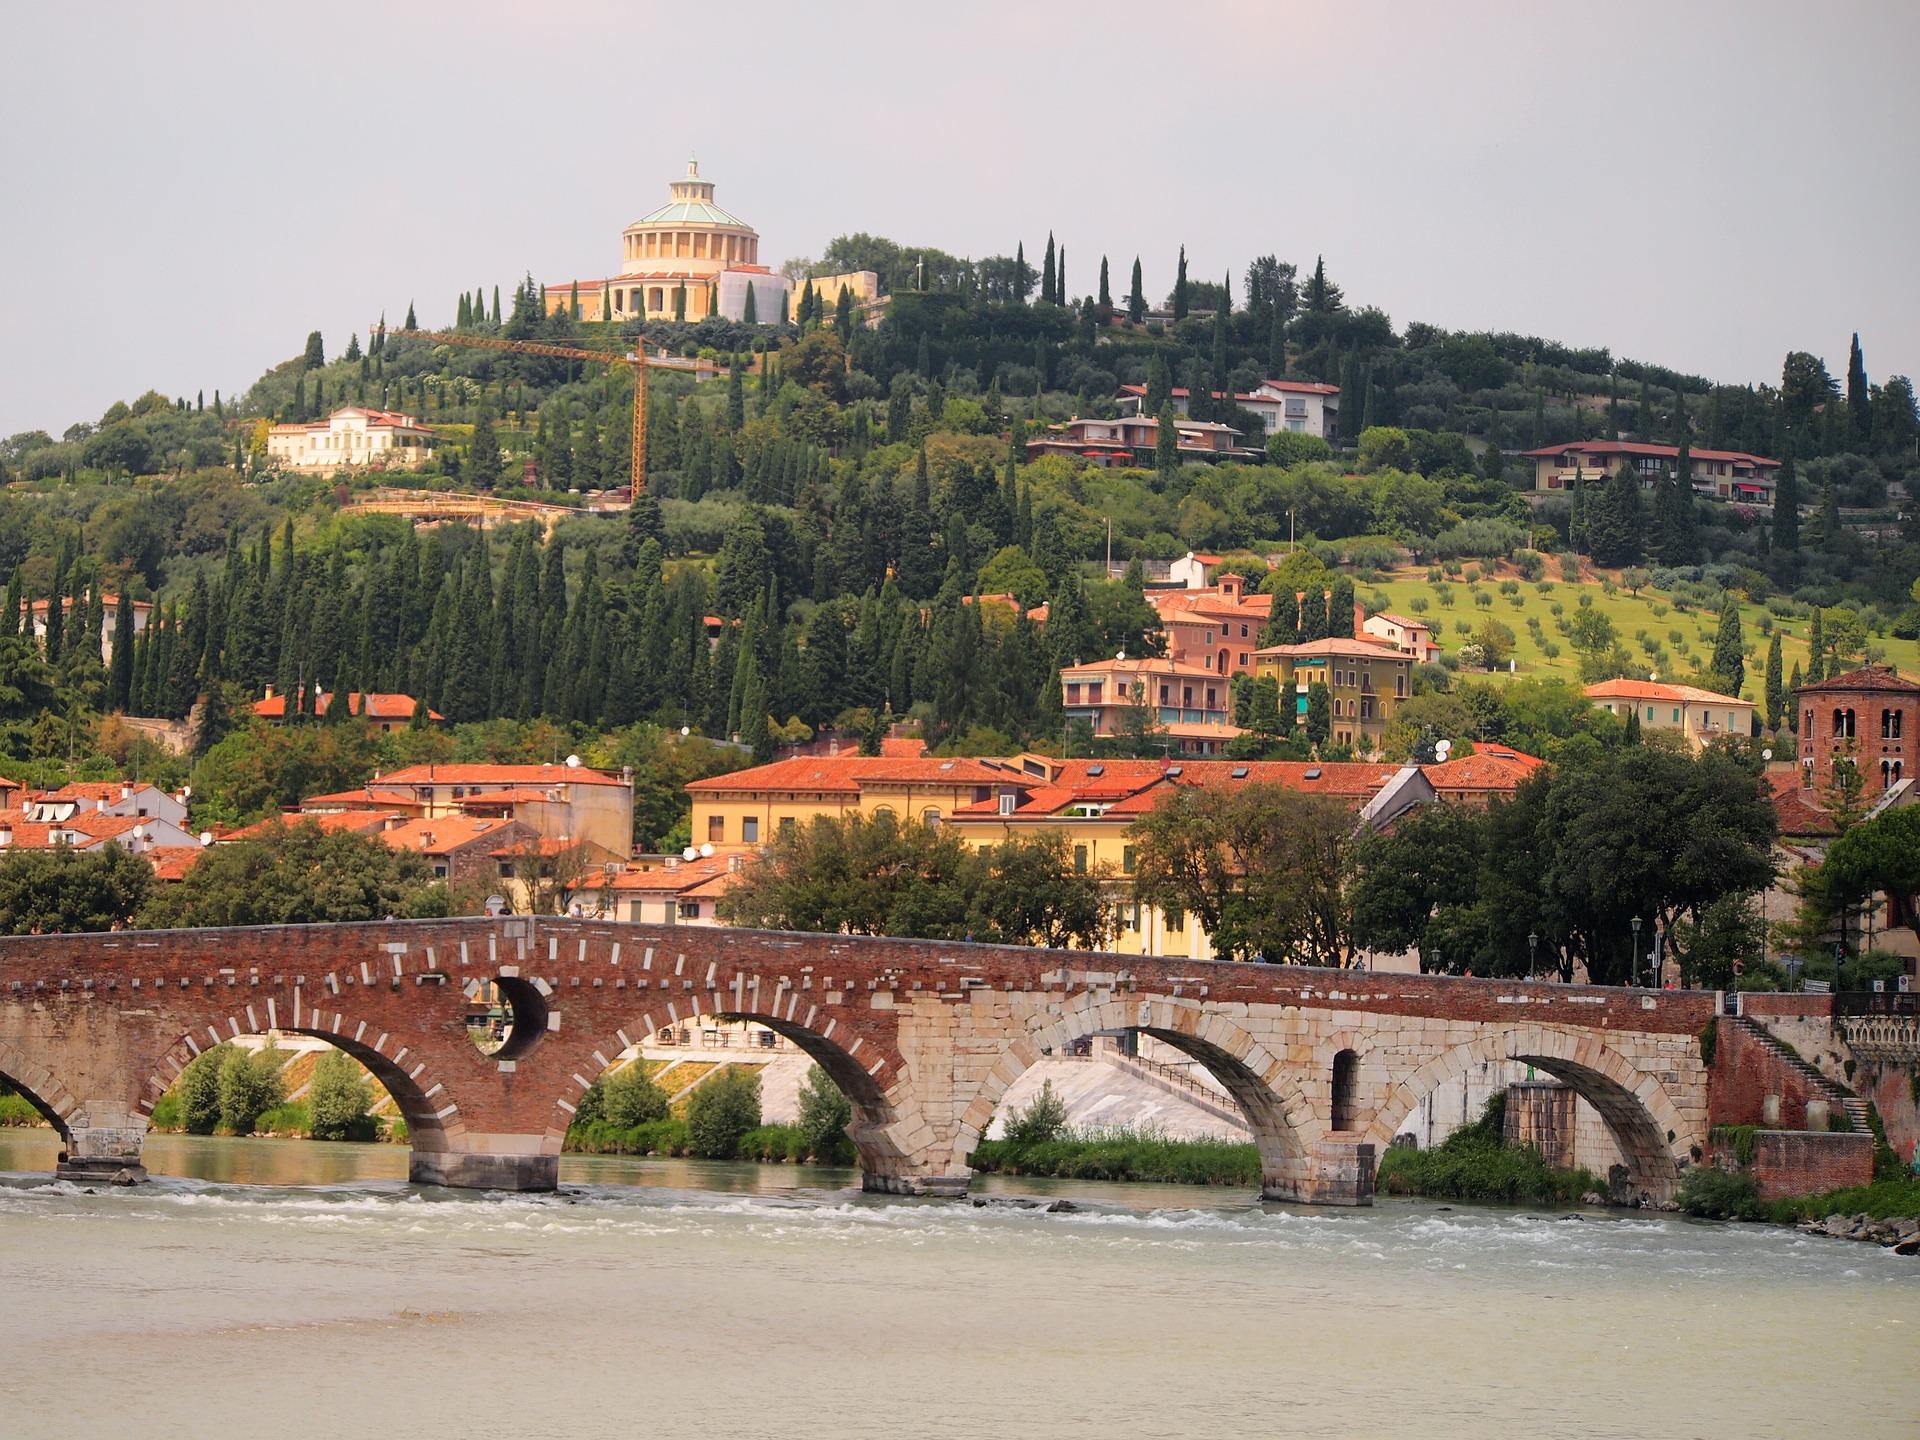 Verona's hills